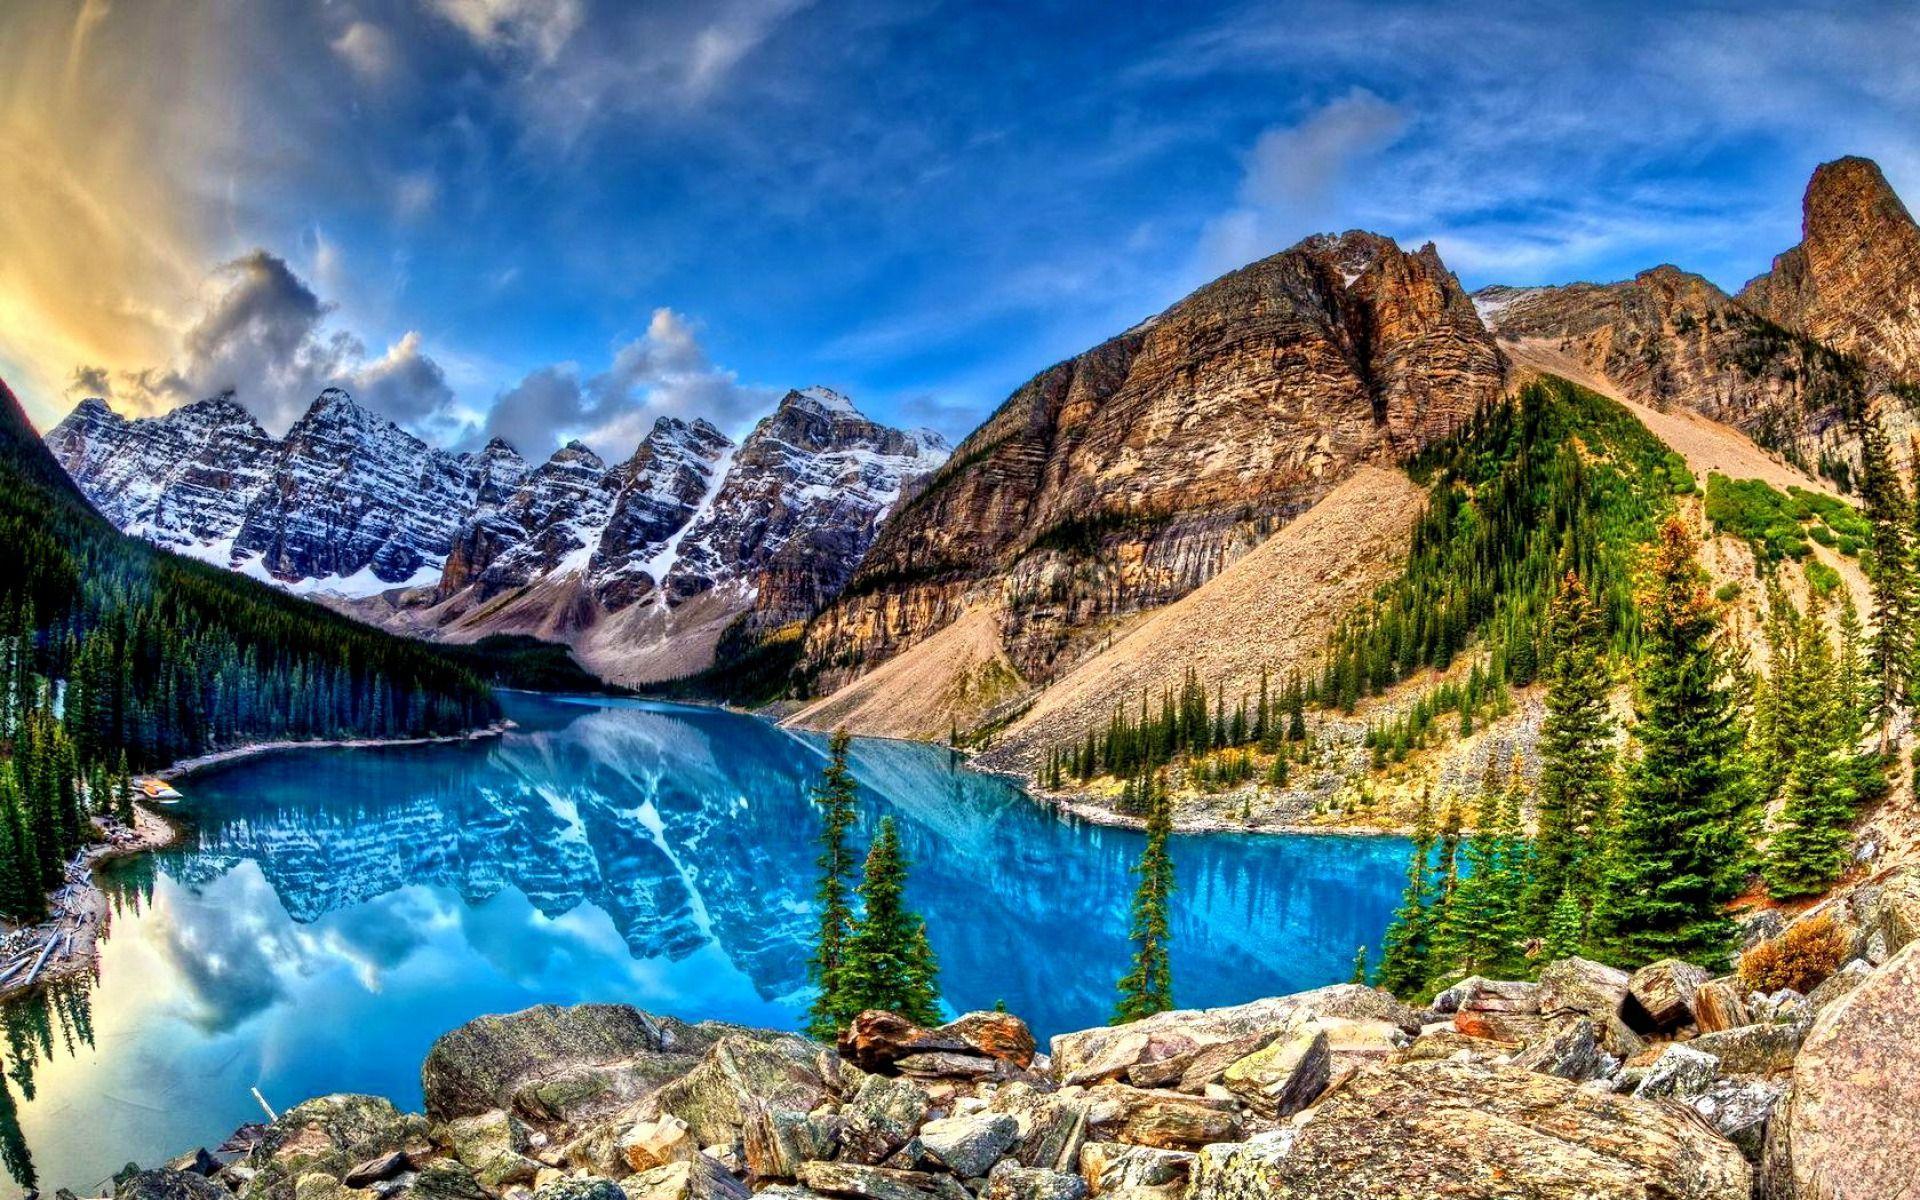 1920x1200 Rocky Mountains Hình nền, Hình ảnh, Hình ảnh